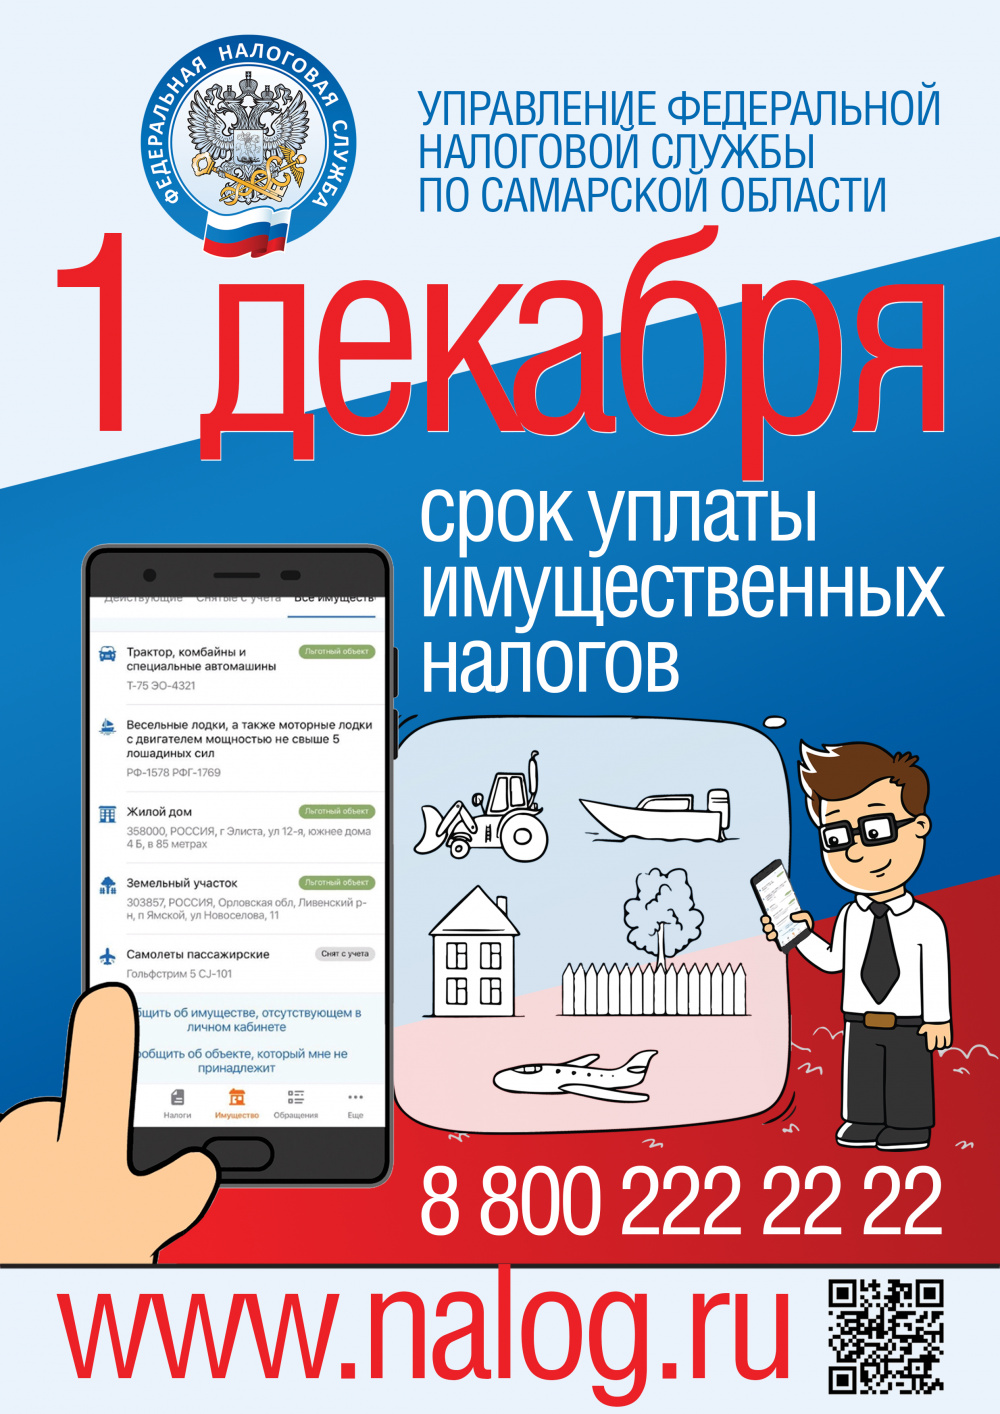 Межрайоная ИФНС России № 14 по Самарской области напоминает, что срок уплаты имущественных налогов за 2020 год - не позднее 01 декабря 2021